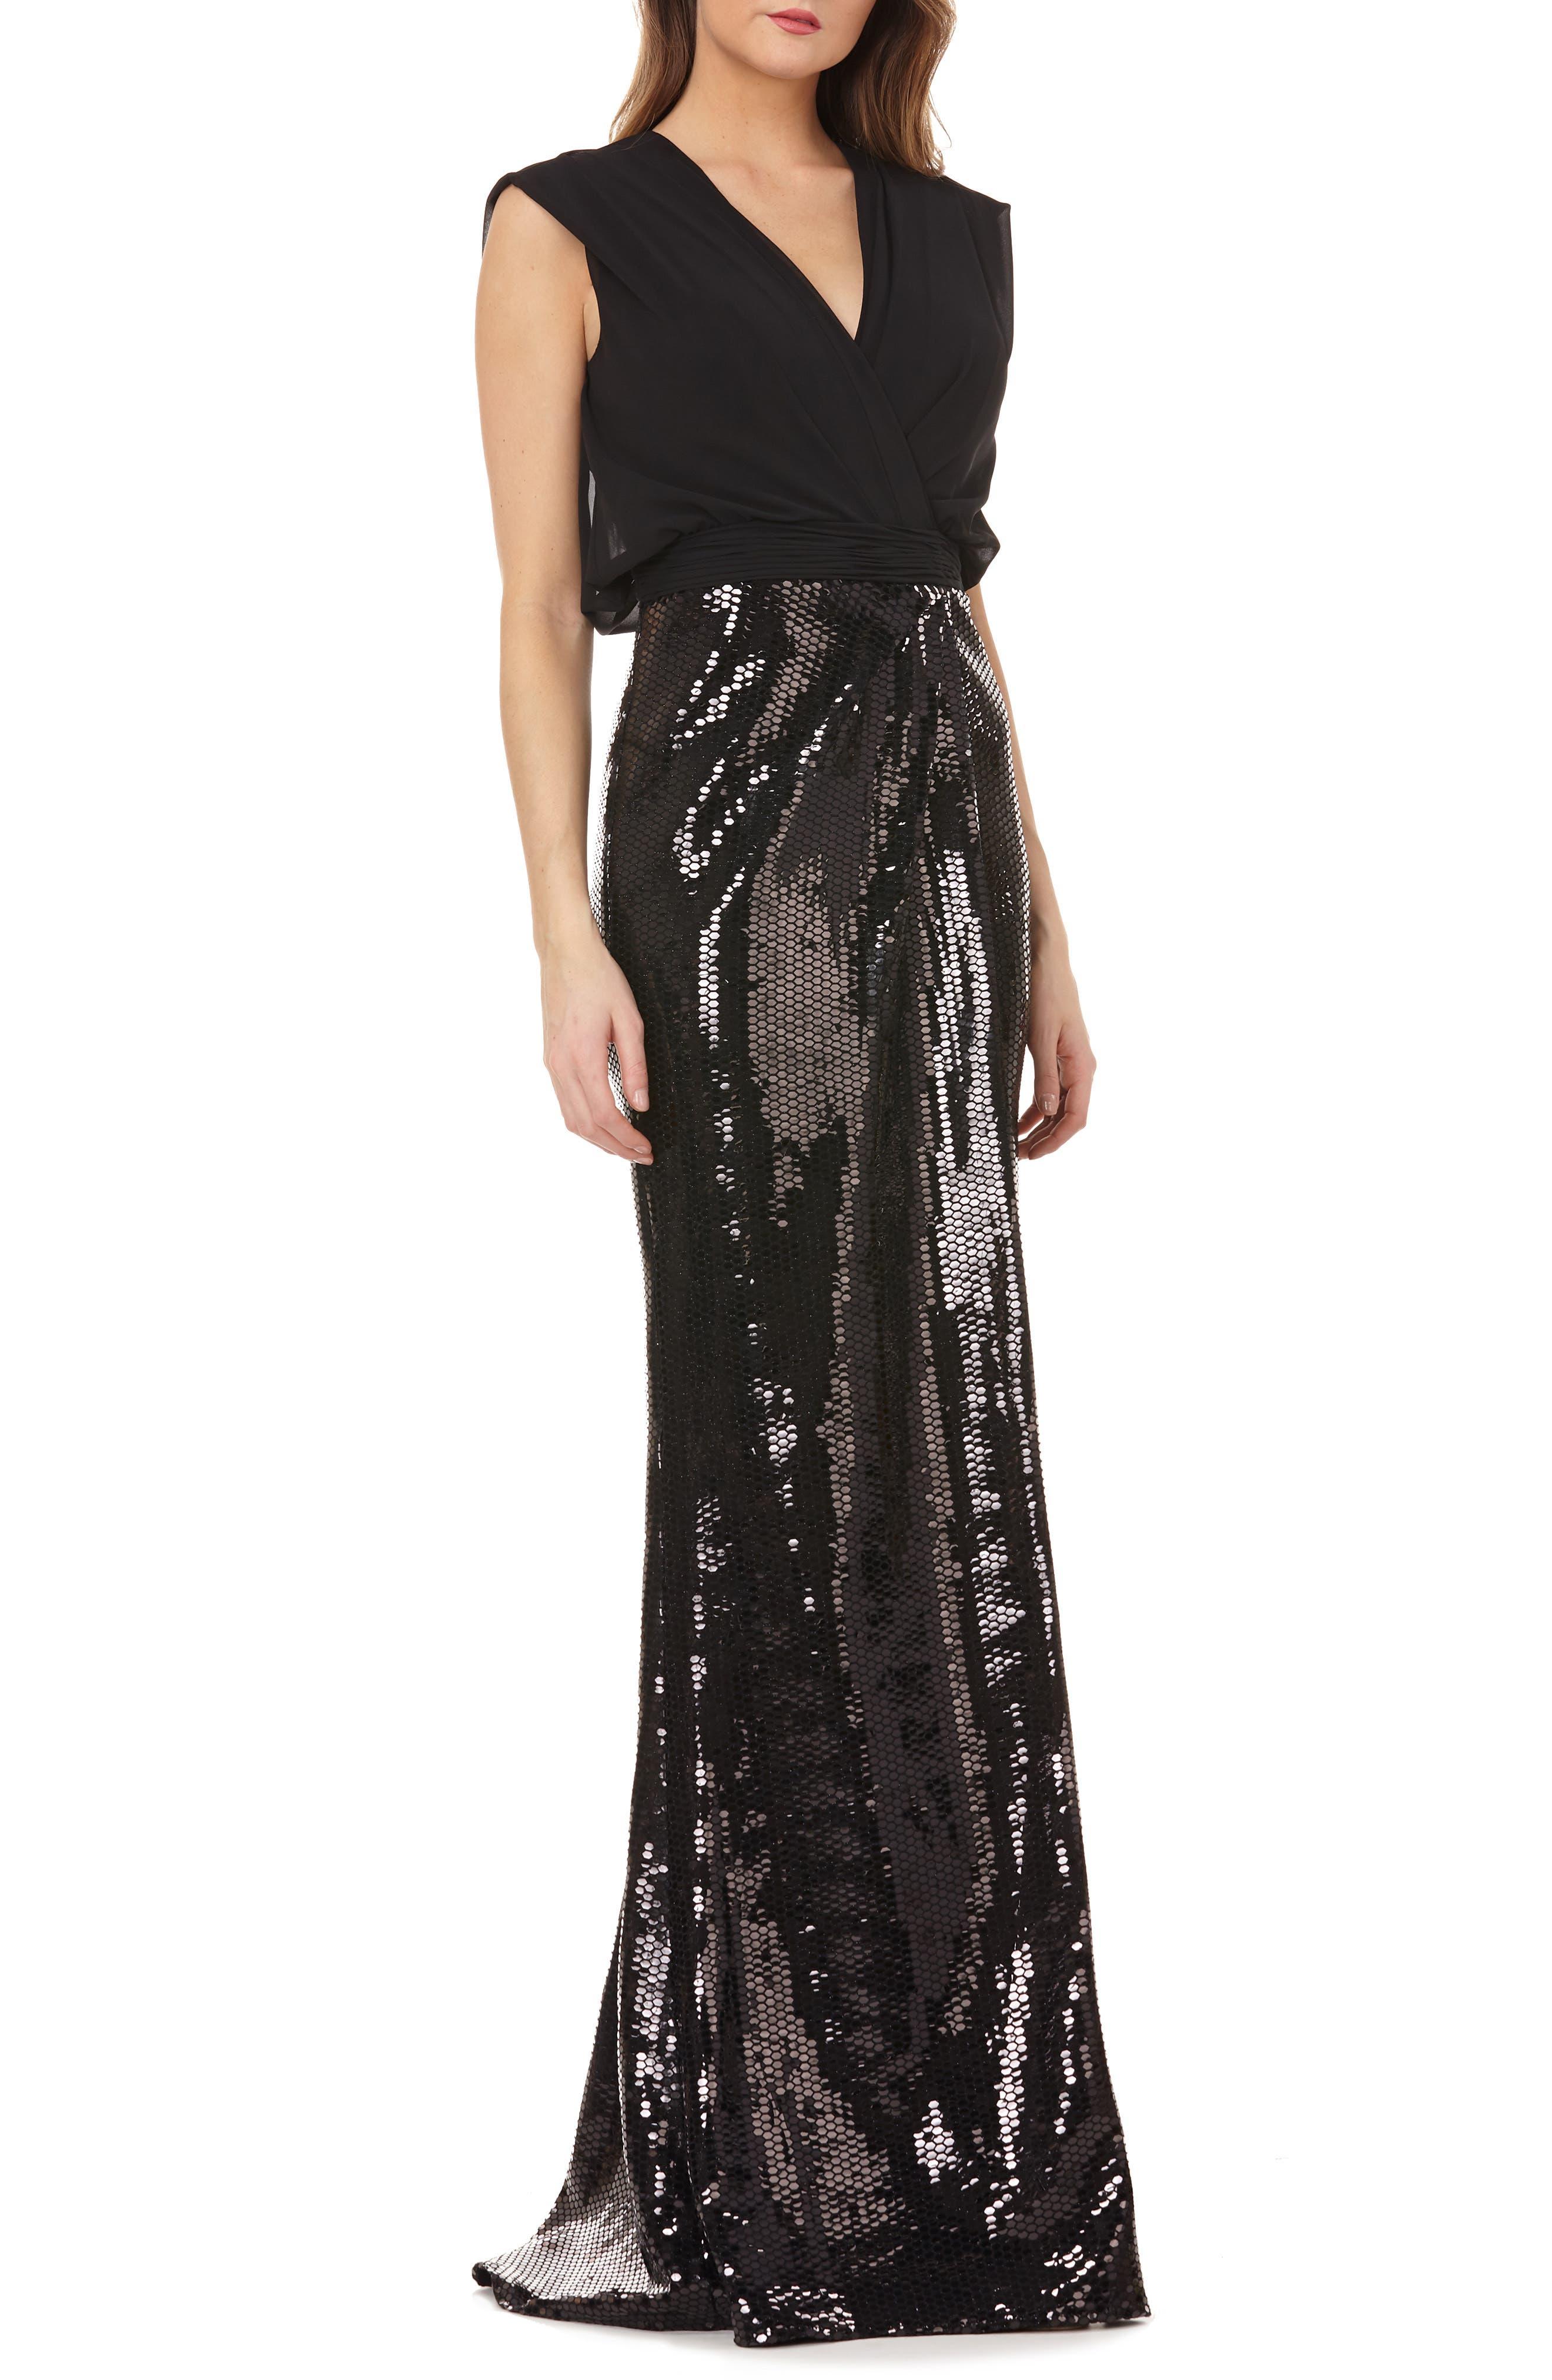 KAY UNGER Sleeveless Column Gown W/ Sequin Skirt in Black